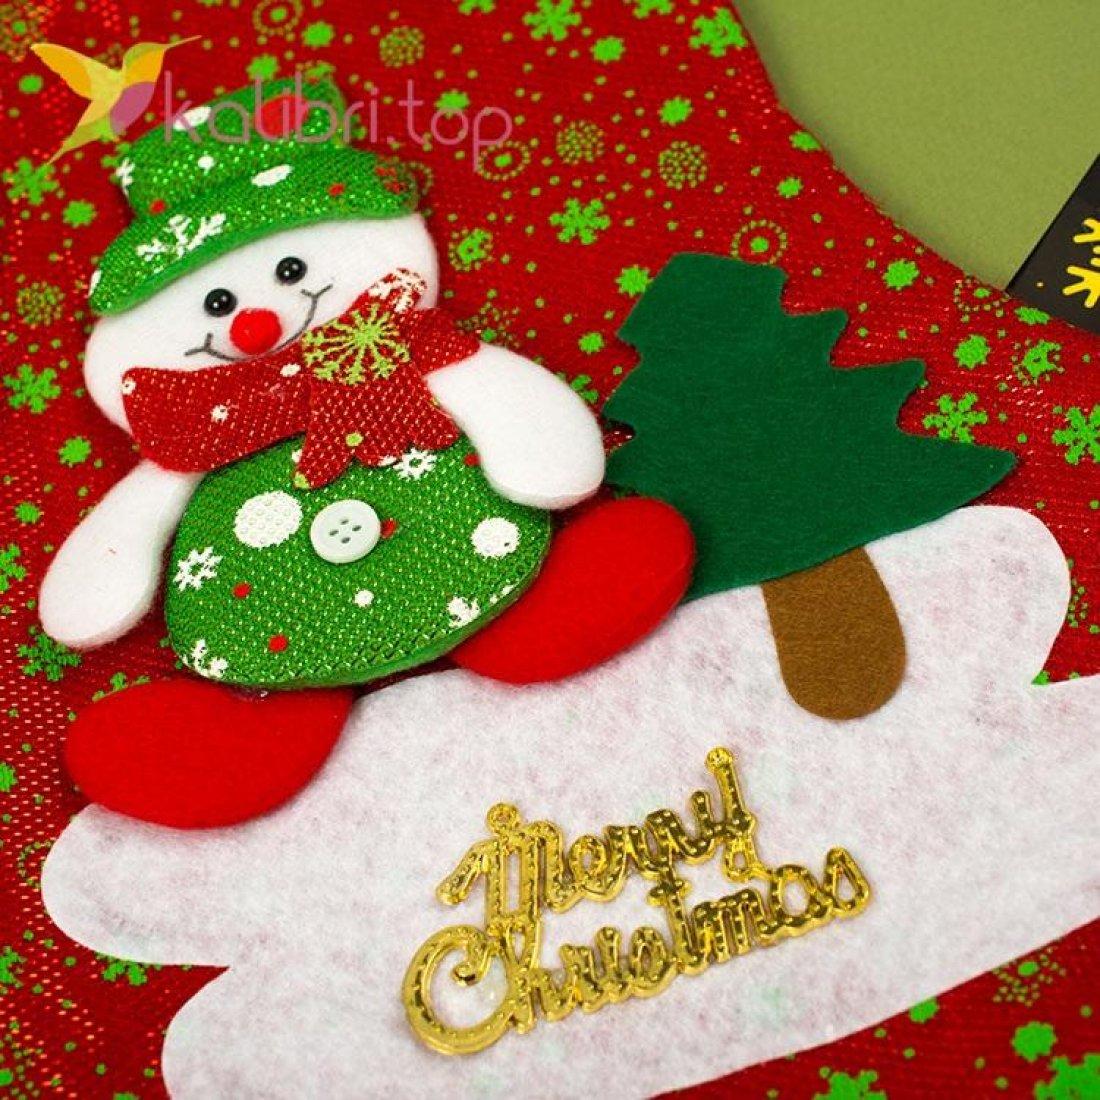 Сапожок для подарков большой с снеговиком 5, оптом фото 2